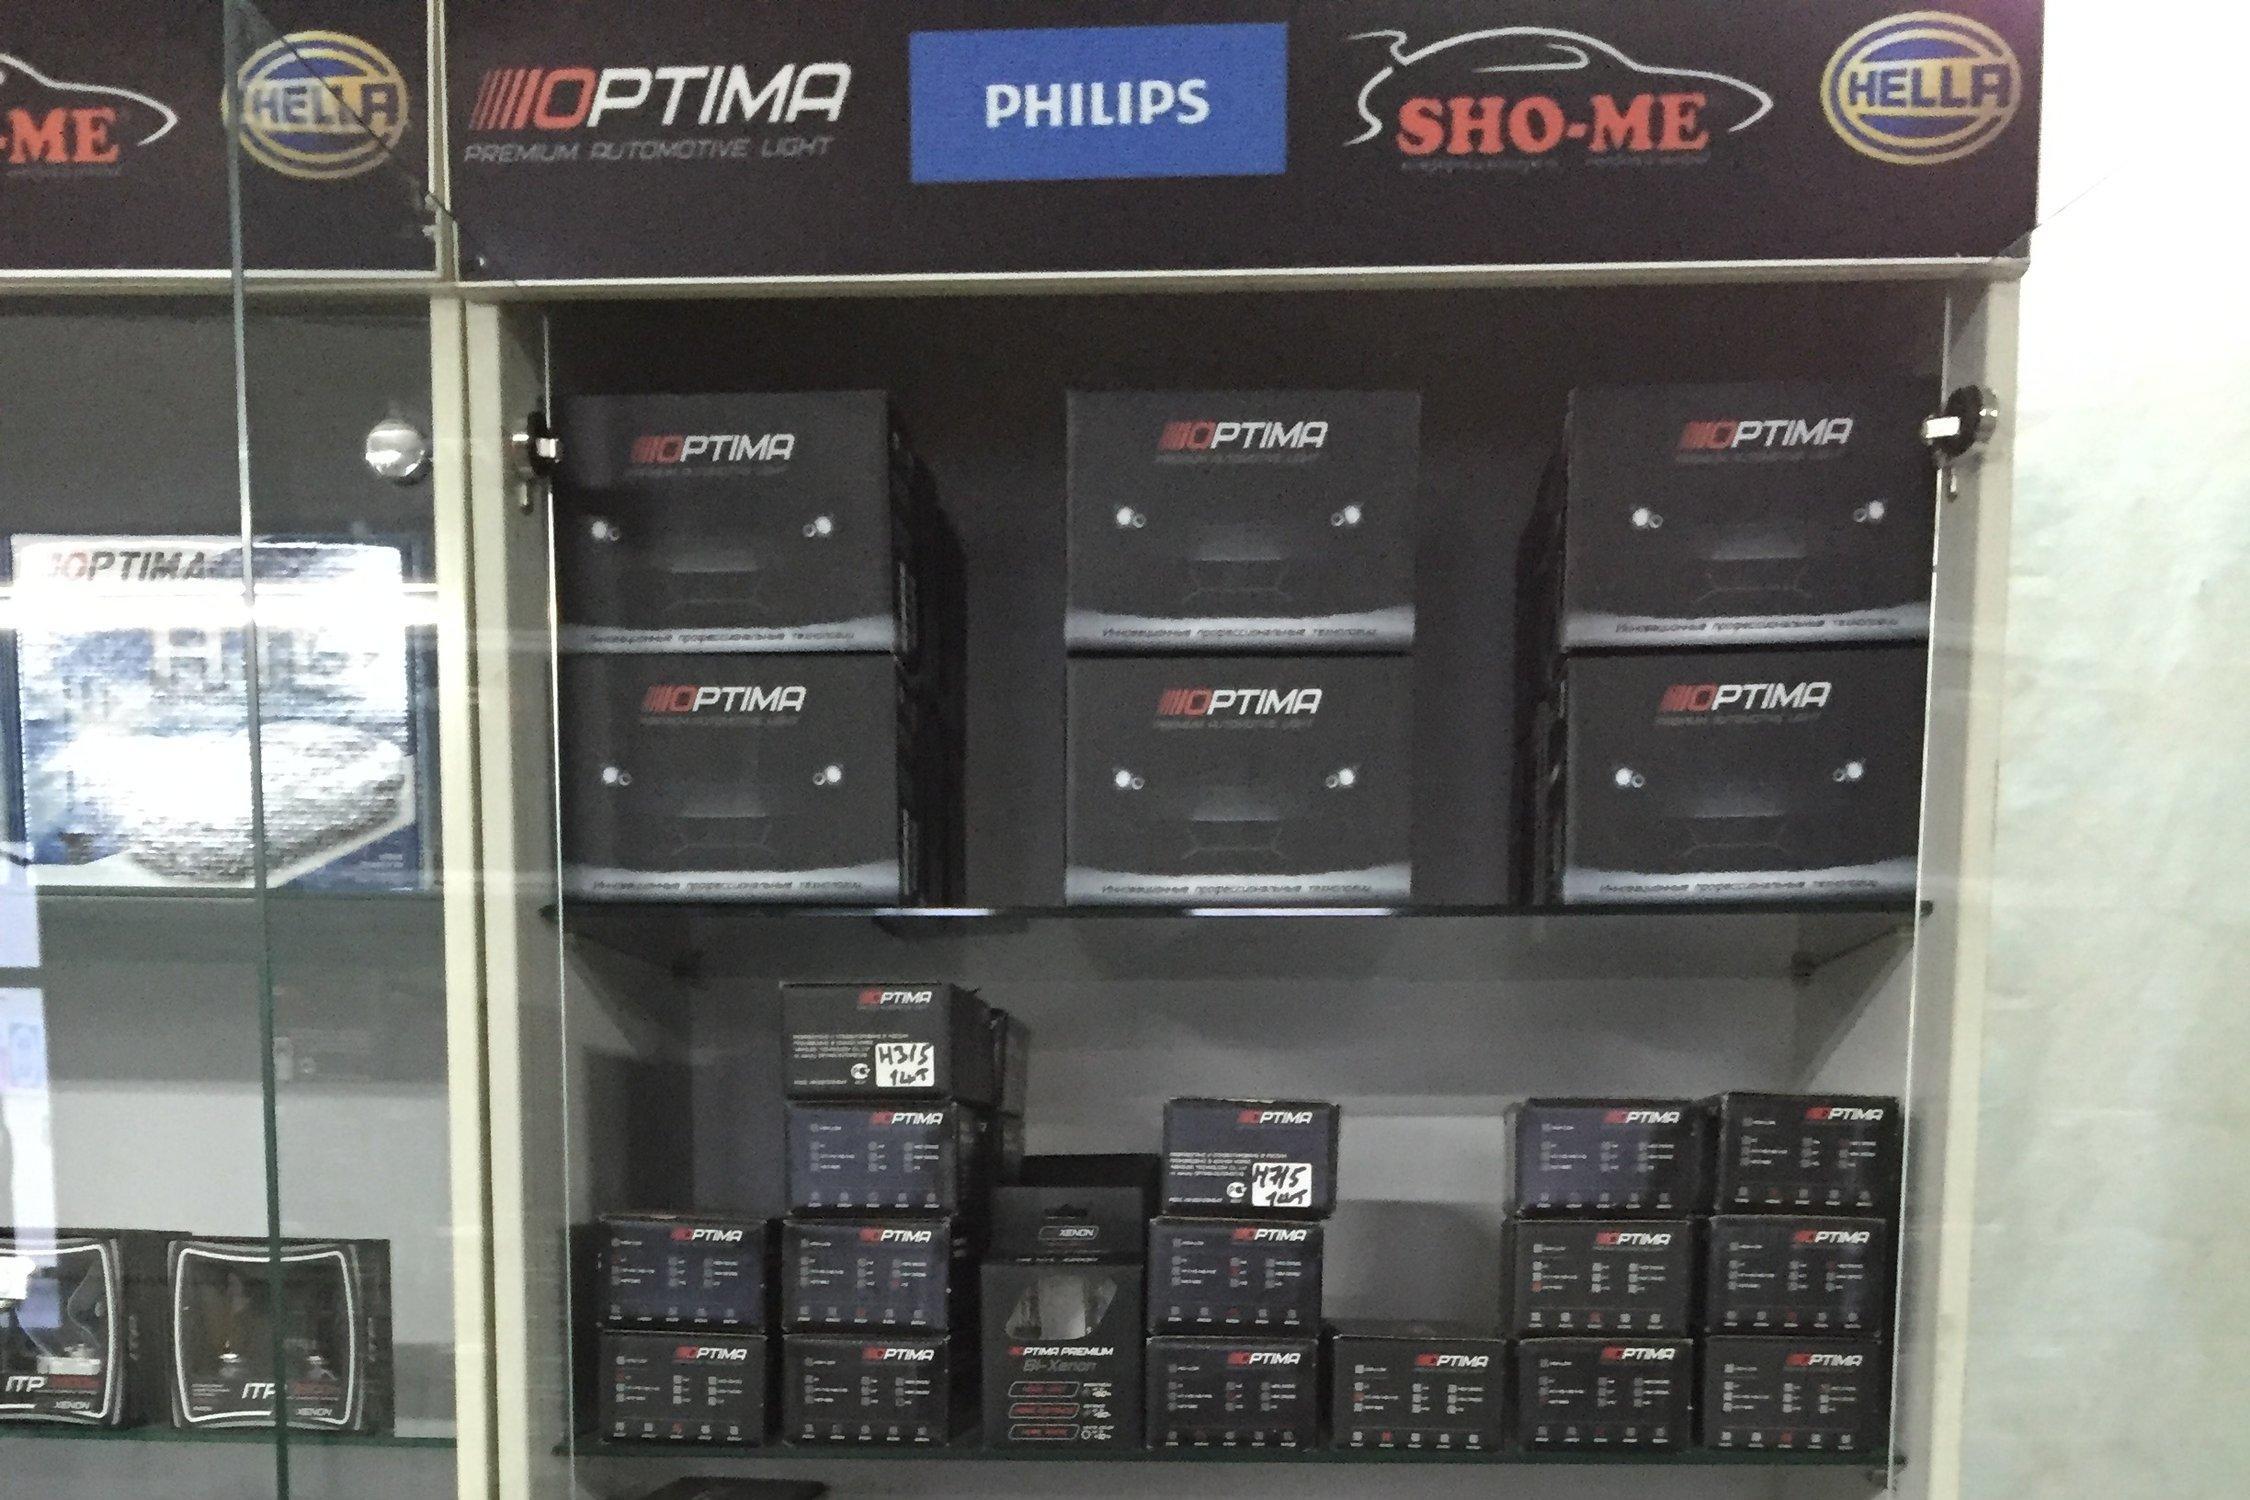 фотография Интернет-магазина Ксенон в Омске